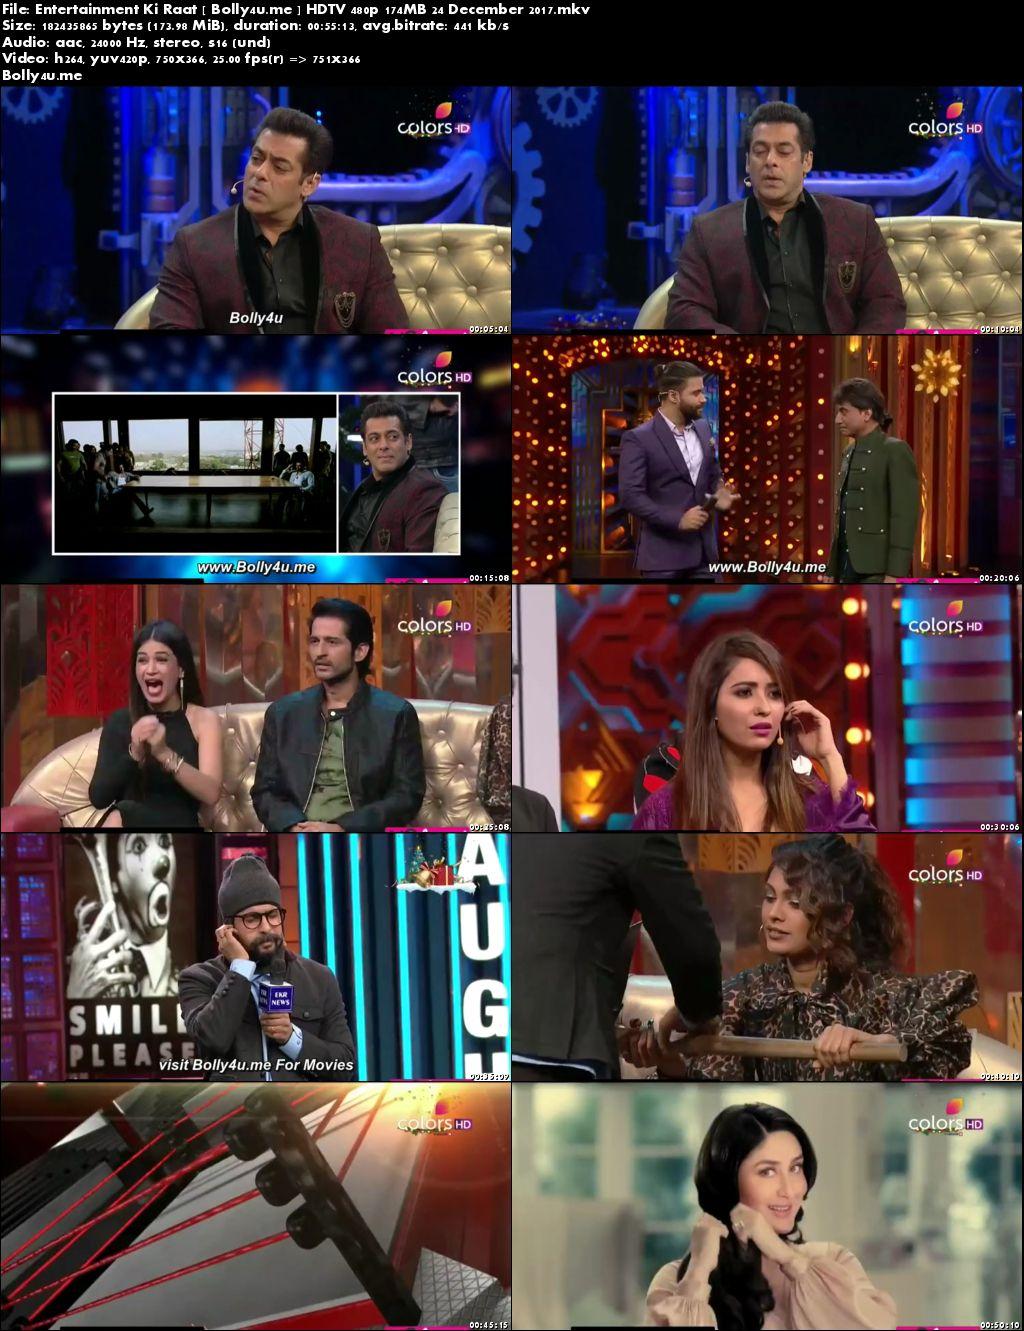 Entertainment Ki Raat HDTV 480p 170MB 24 Dec 2017 Download